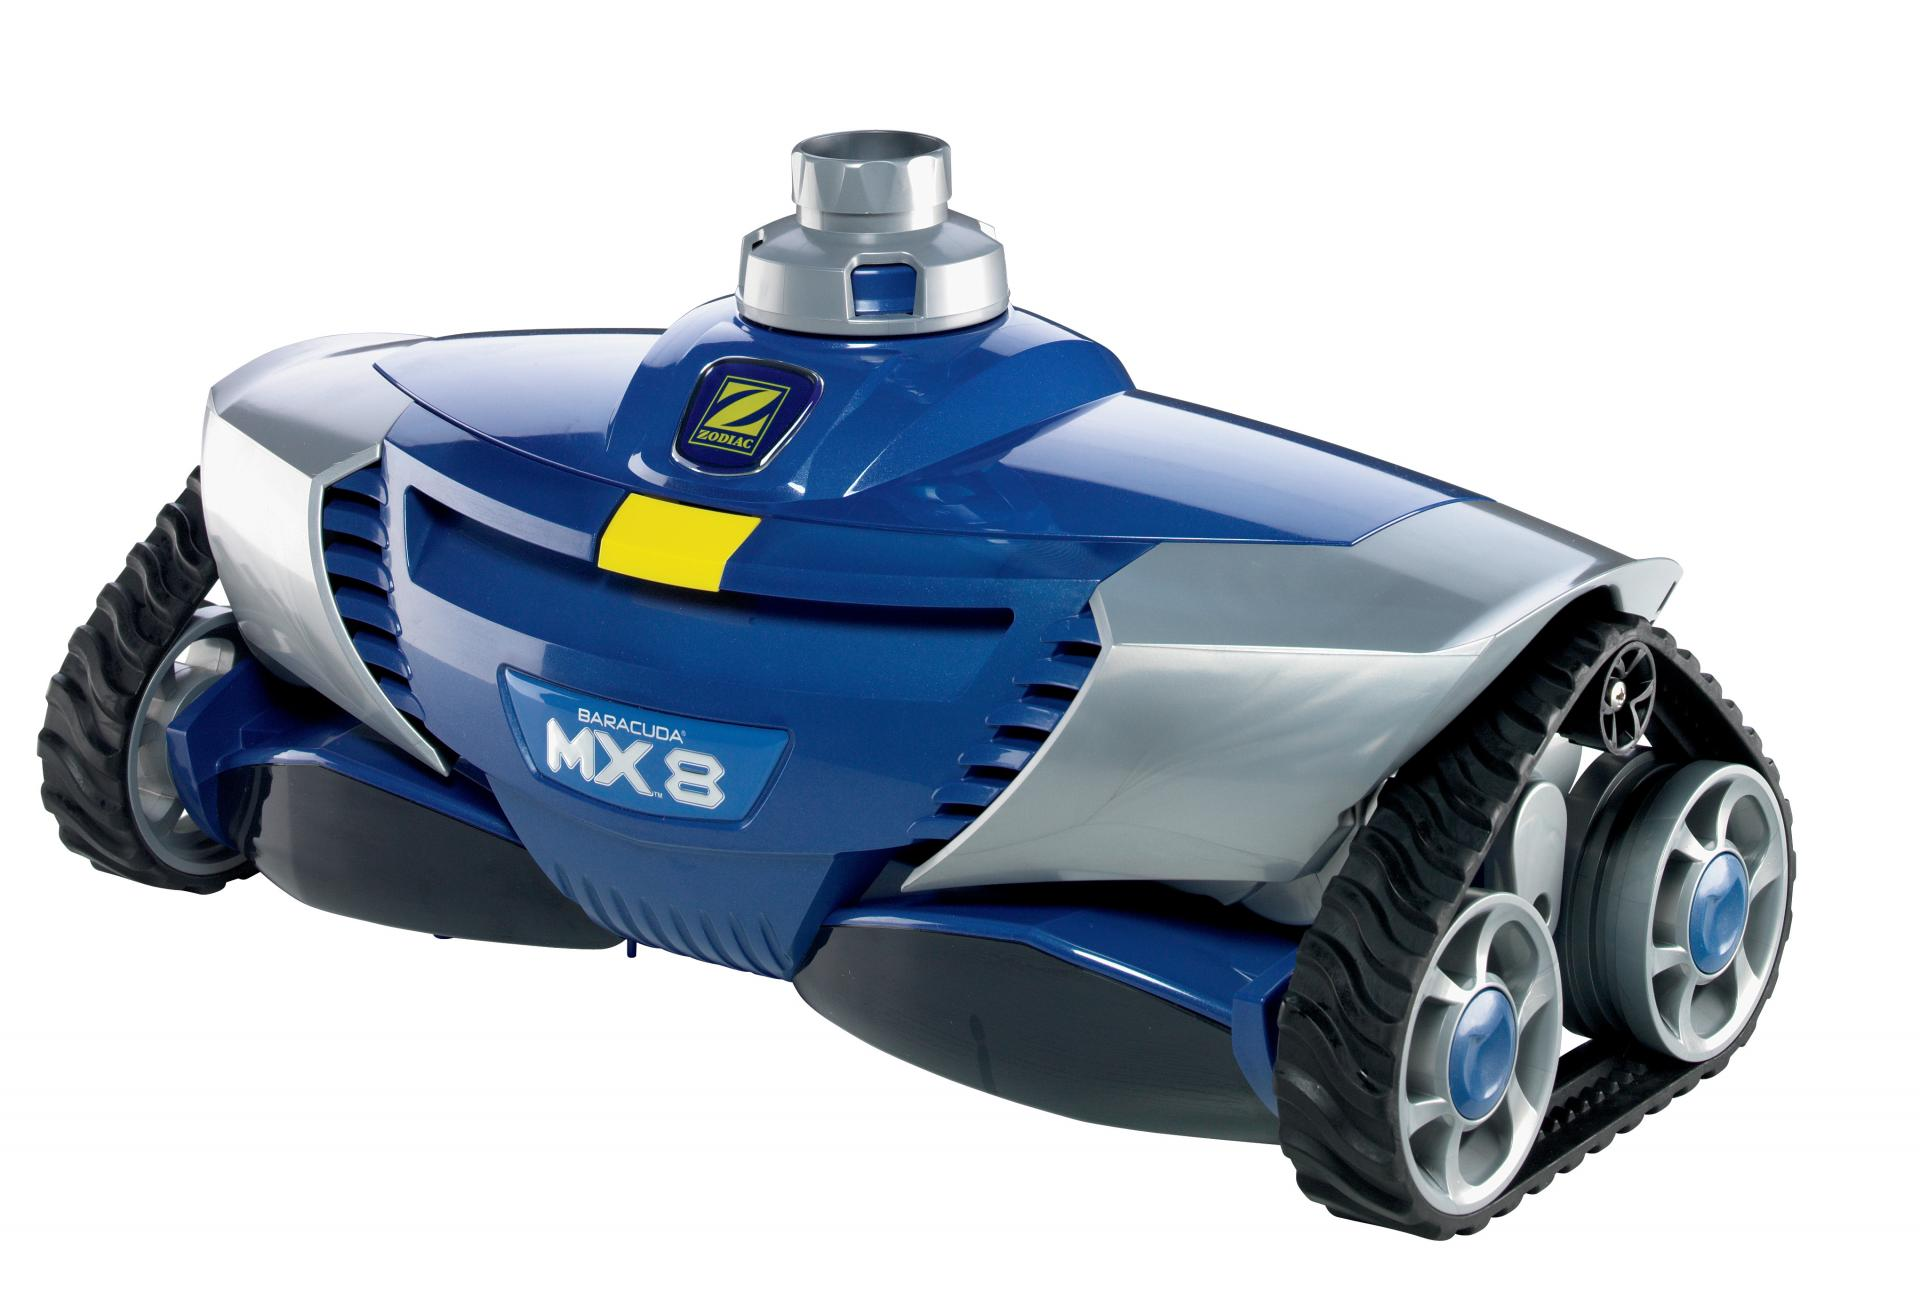 Zodiac MX8 limpiafondos automático piscina